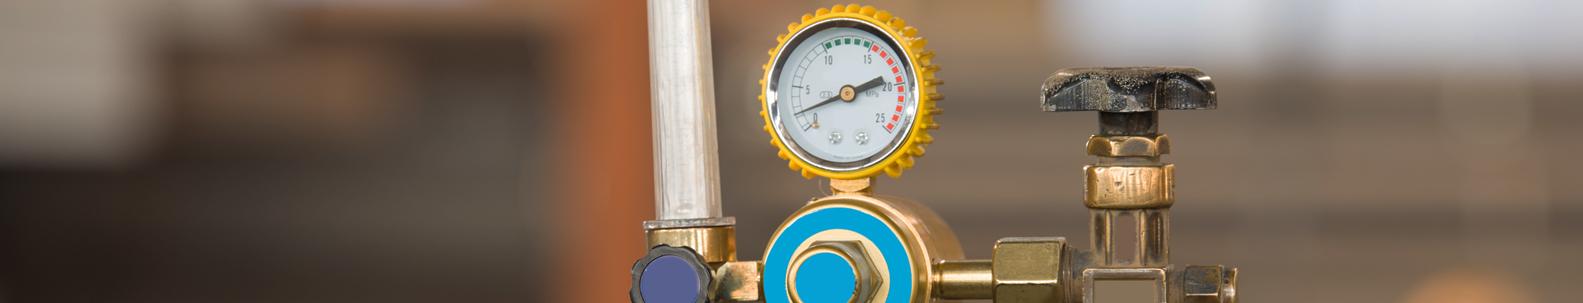 Dujų nuotėkio detektoriai  Dujų nuotėkio detektoriai ieškantiems aukštos kokybės, tikslaus matavimo prietaiso